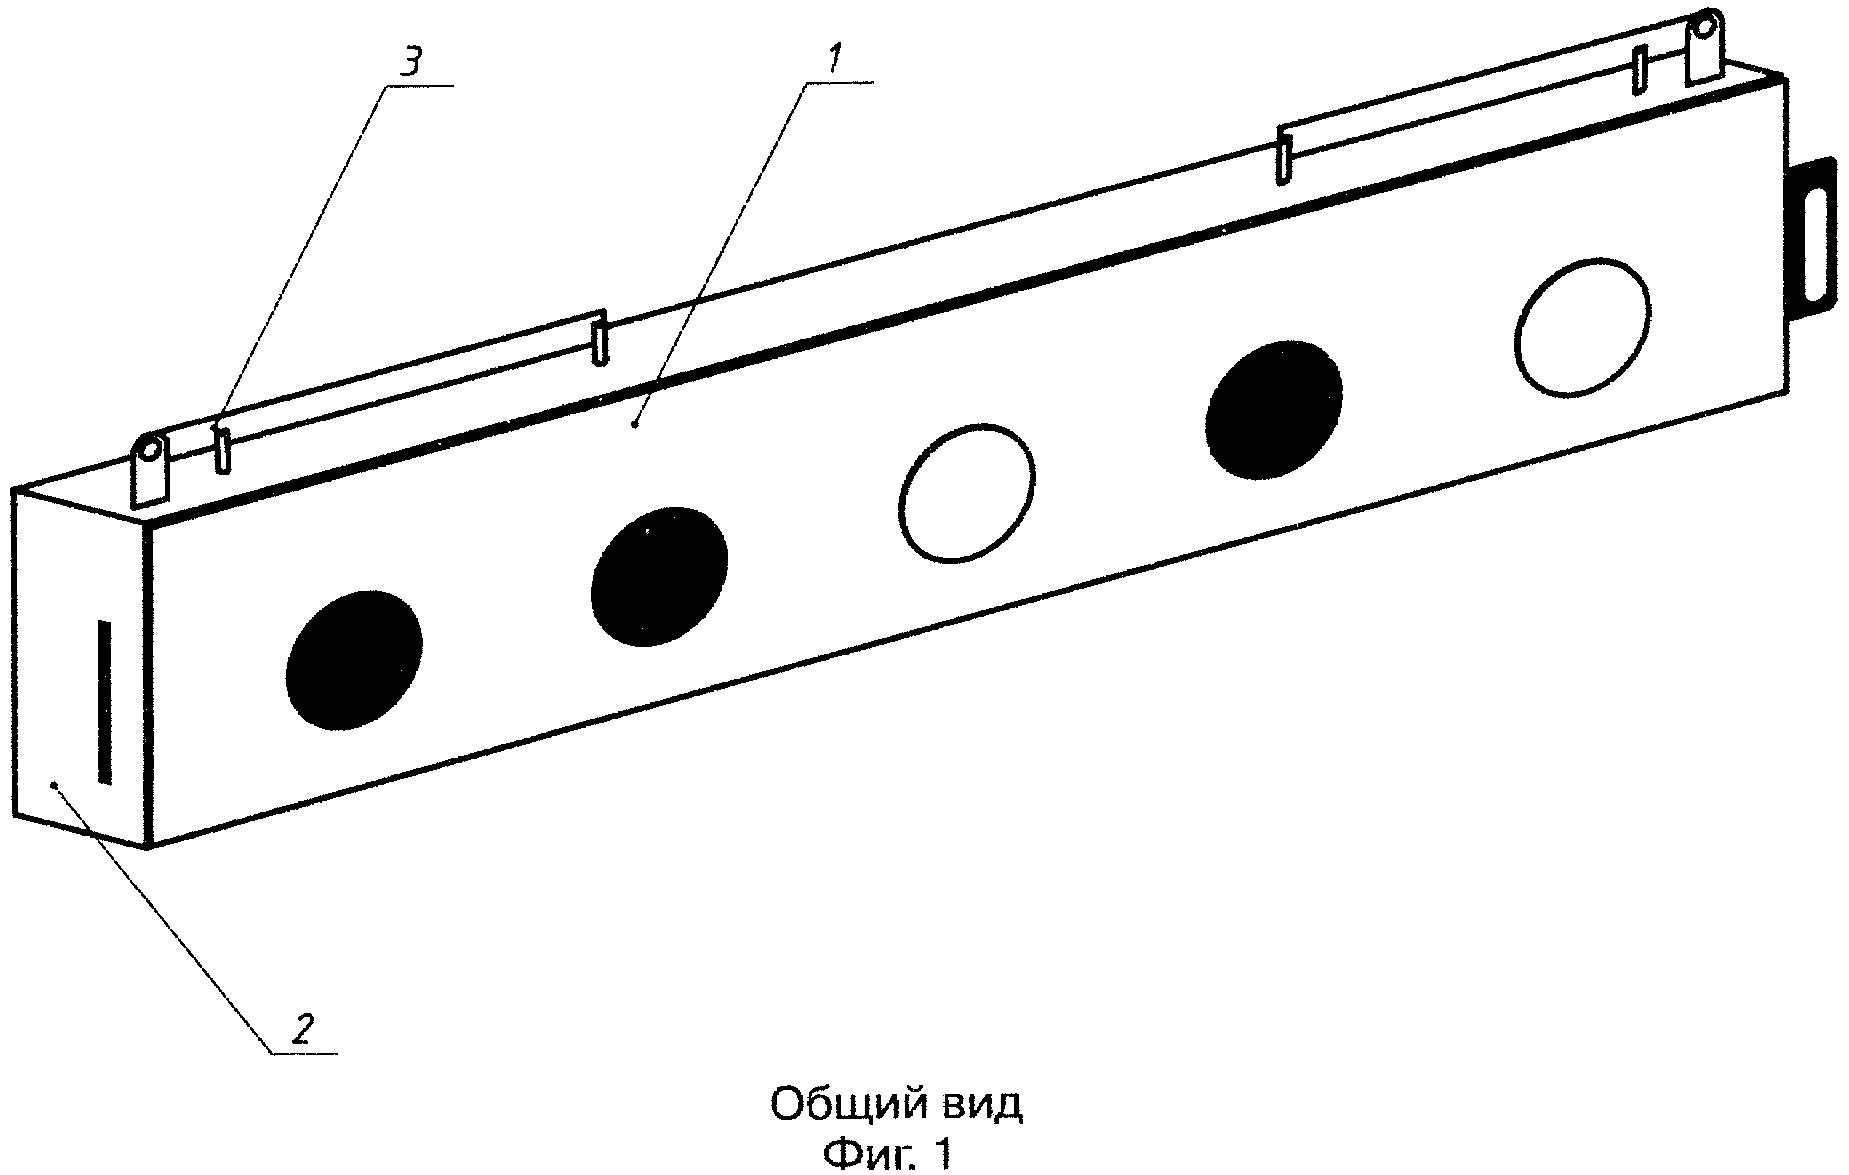 Модуль мишенный для биатлона со стрельбой из пневматического оружия